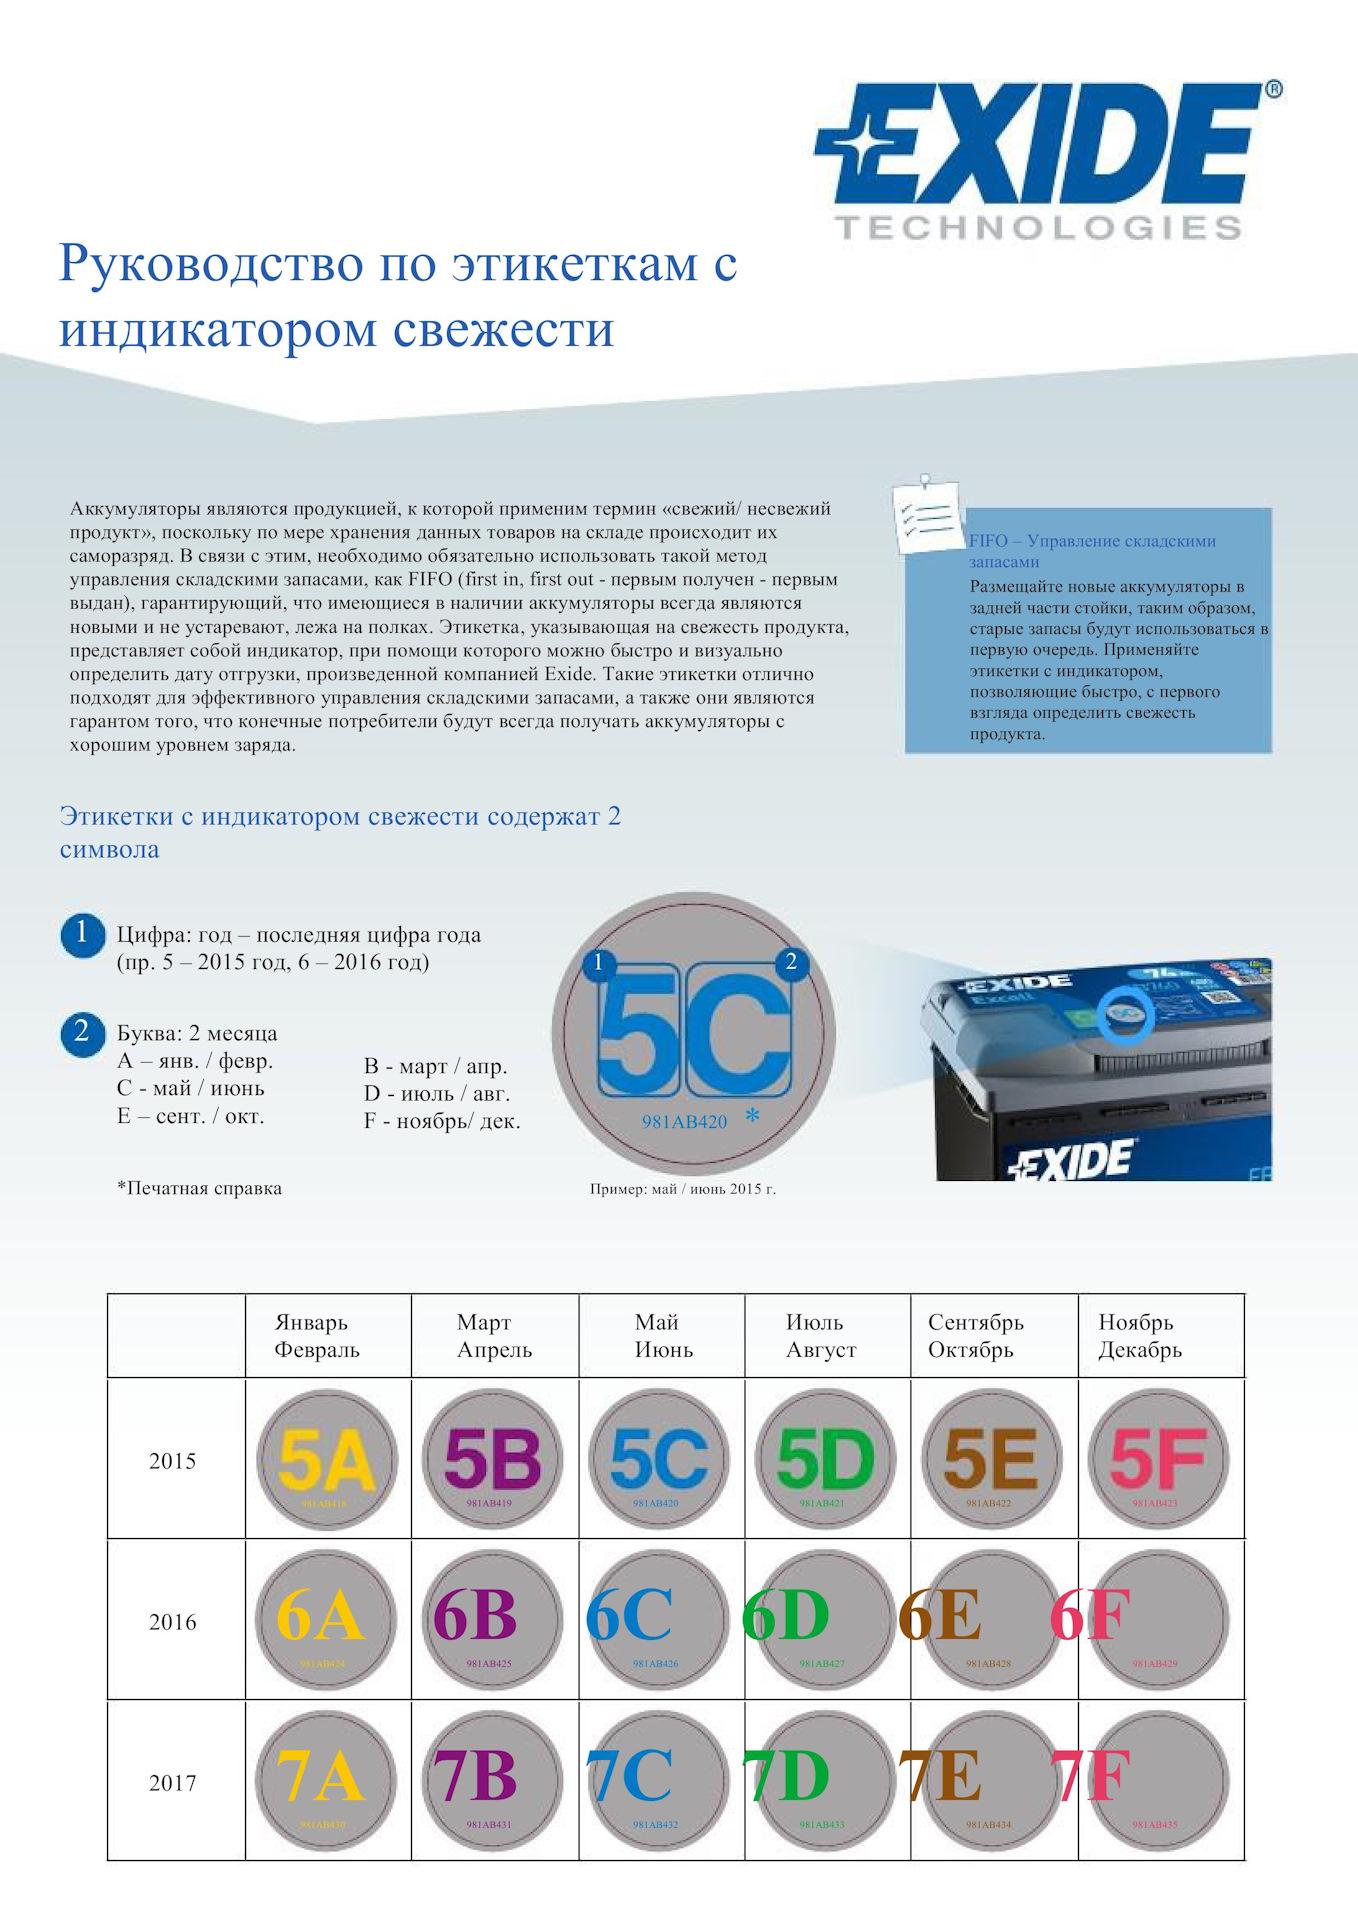 https://zavodilla.ru/images/upload/594c58es-1920.jpg